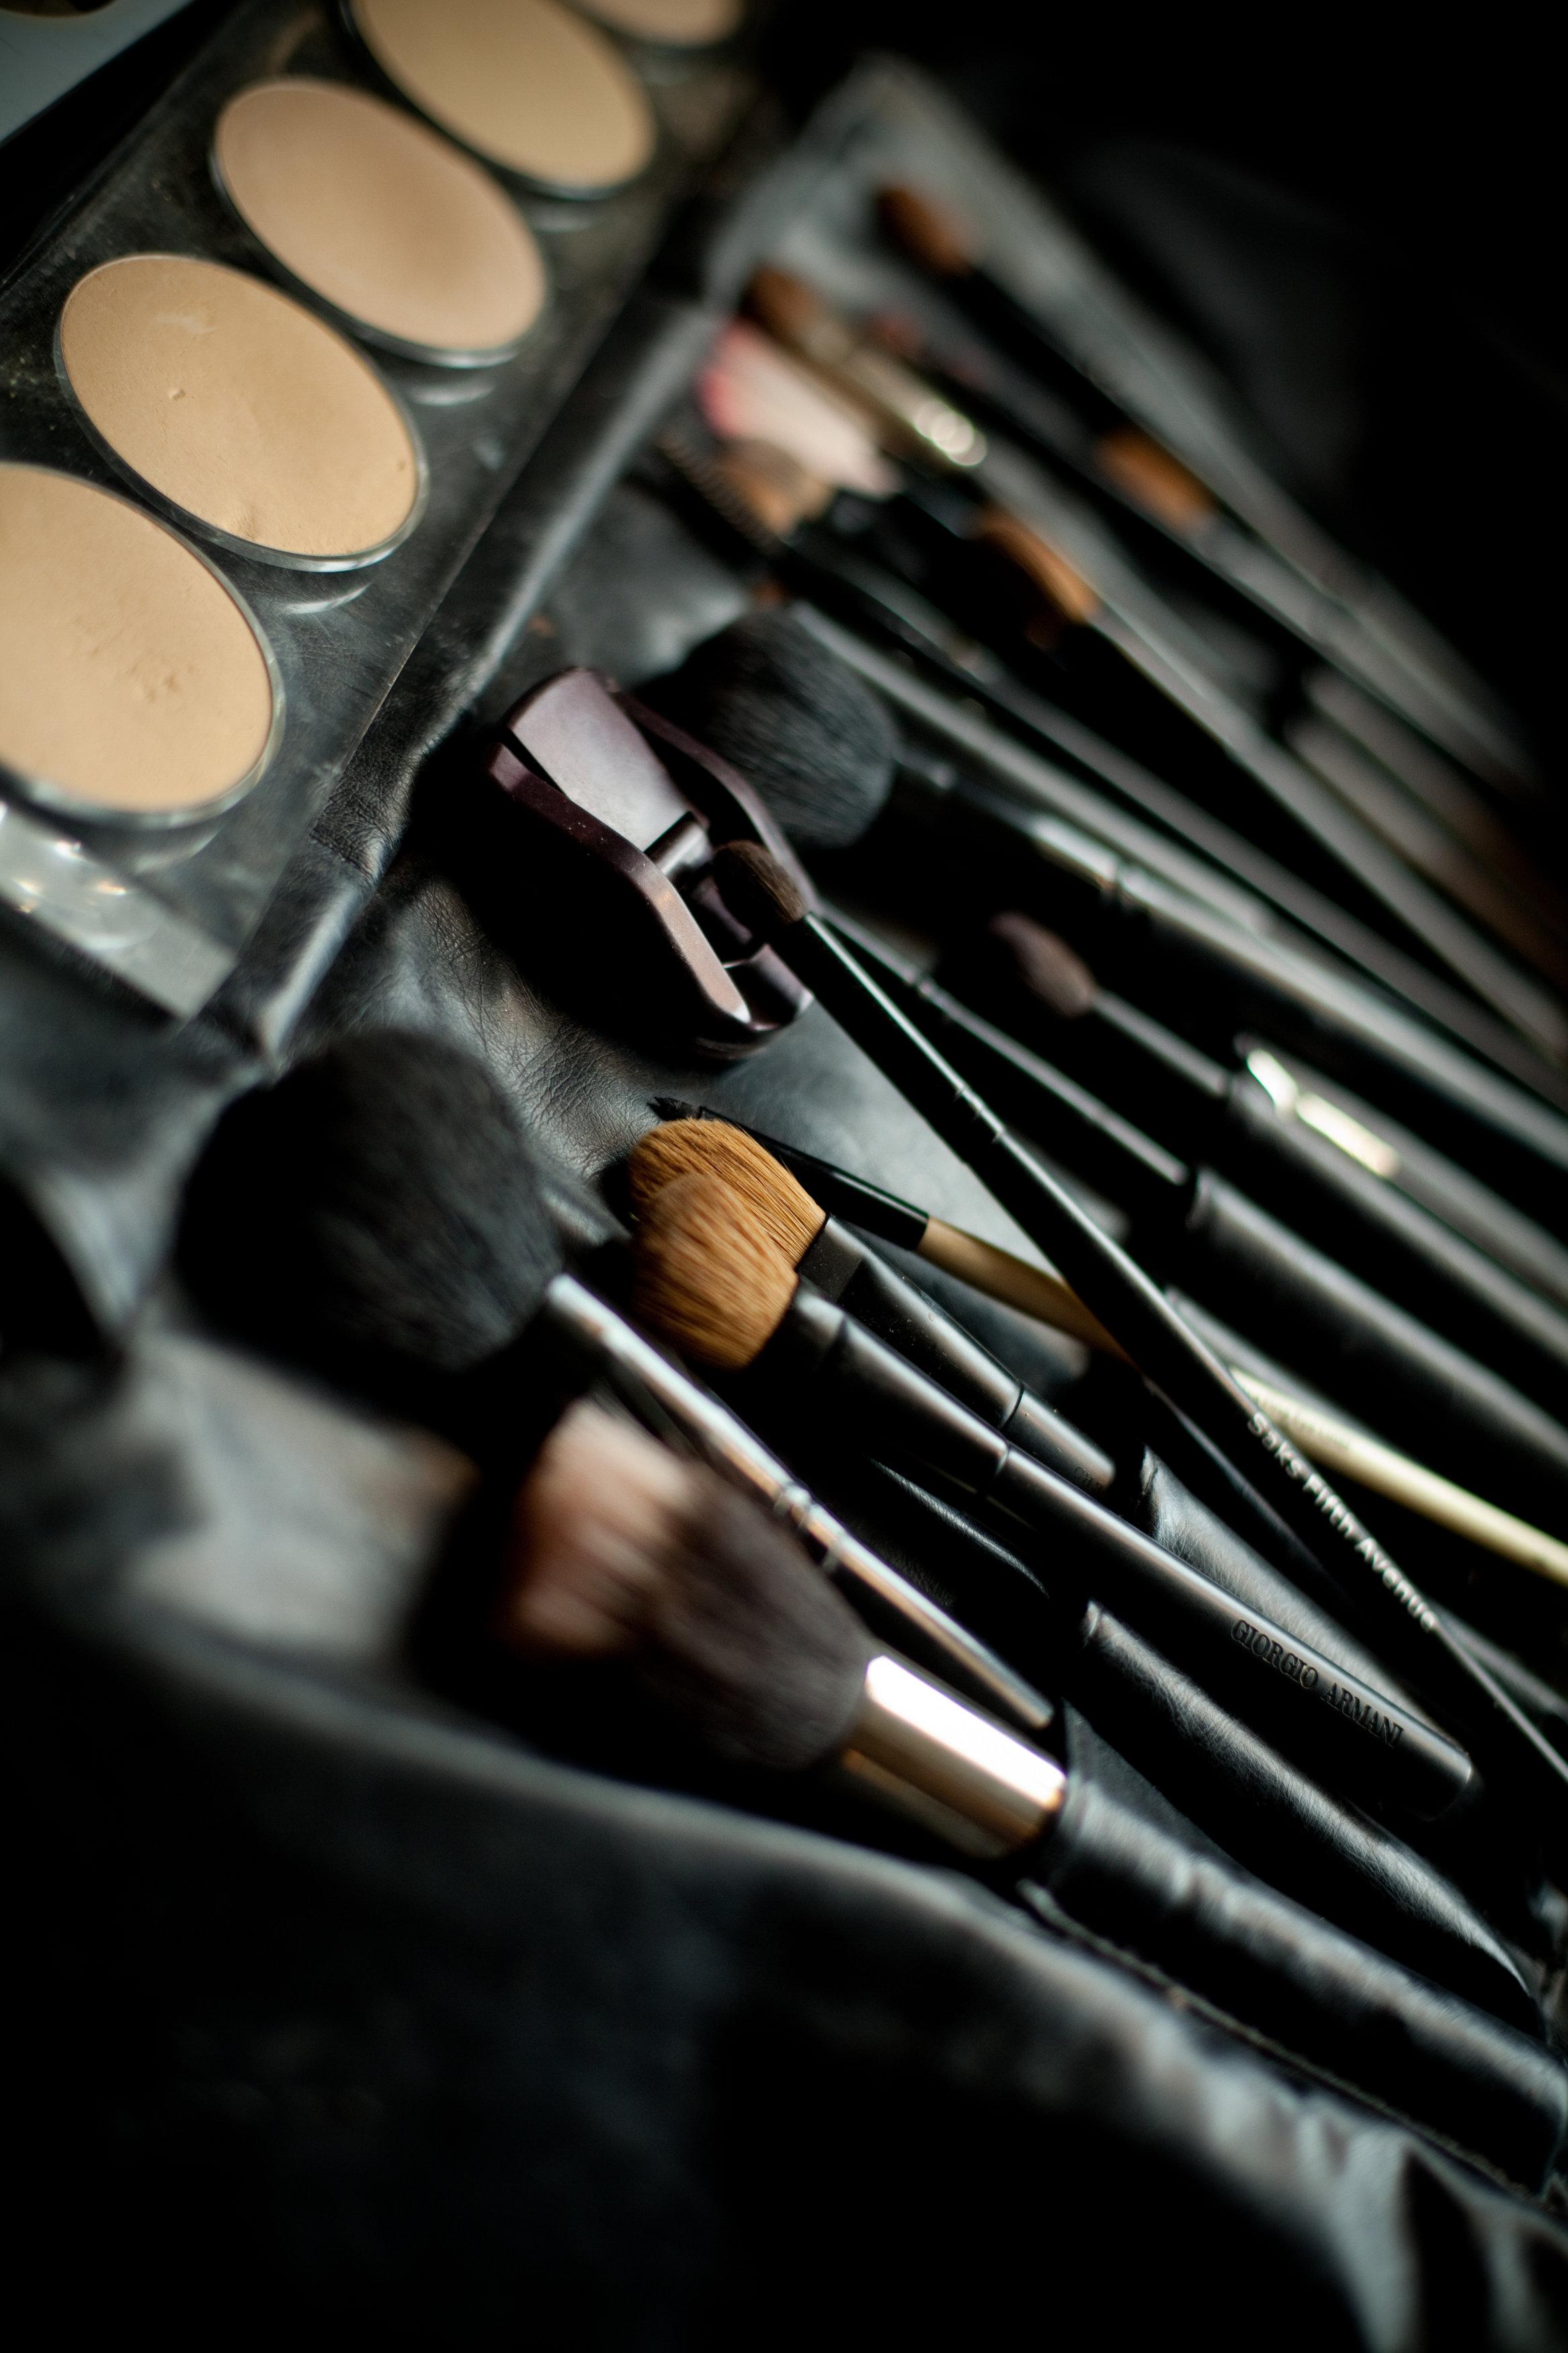 Makeup+brushes